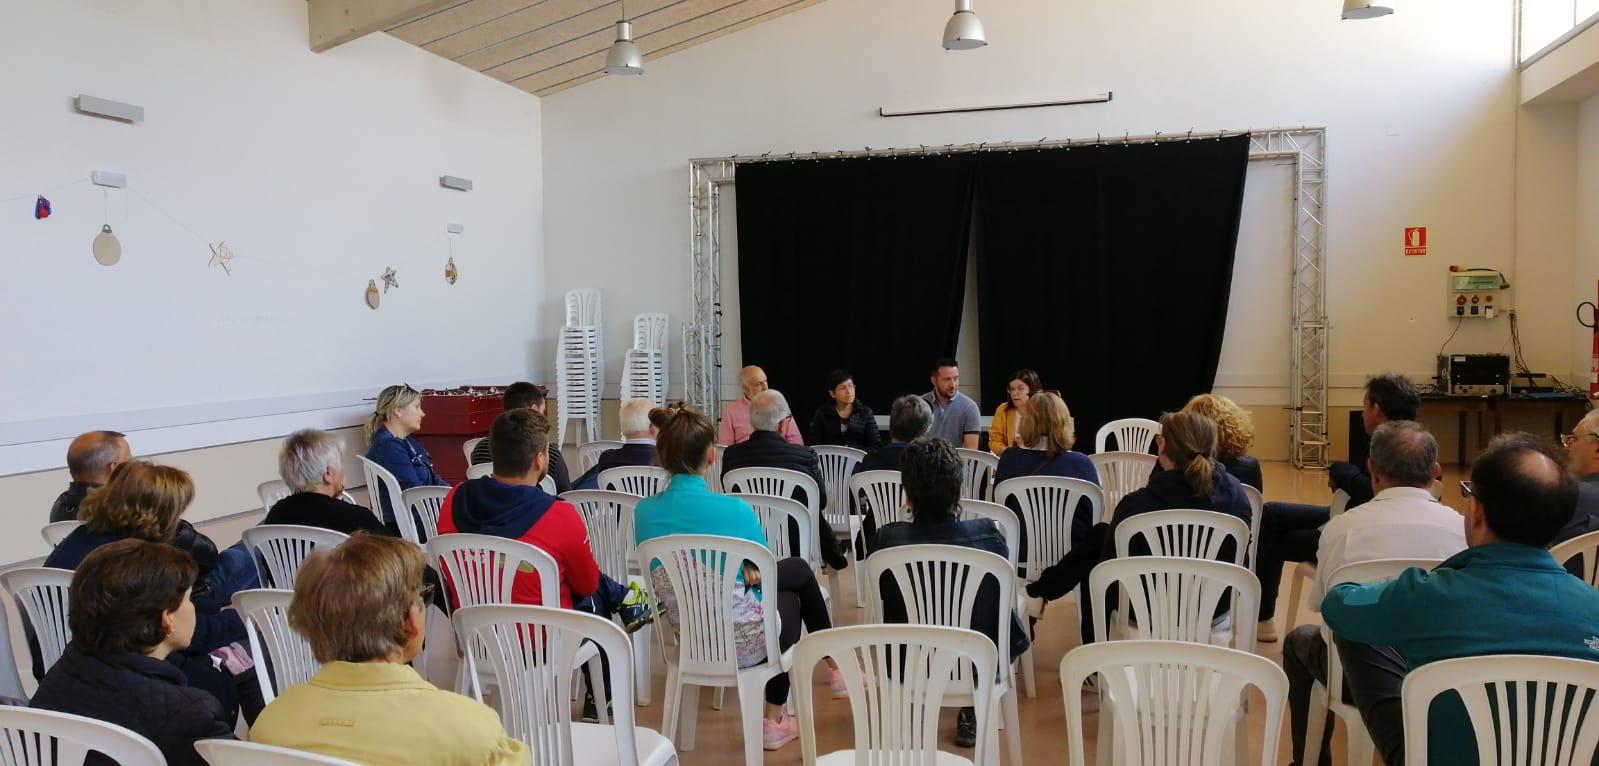 L a candidatura ERC-MES ales municipals  vol que sigui fàcil viure als pobles del municipi de Tàrrega